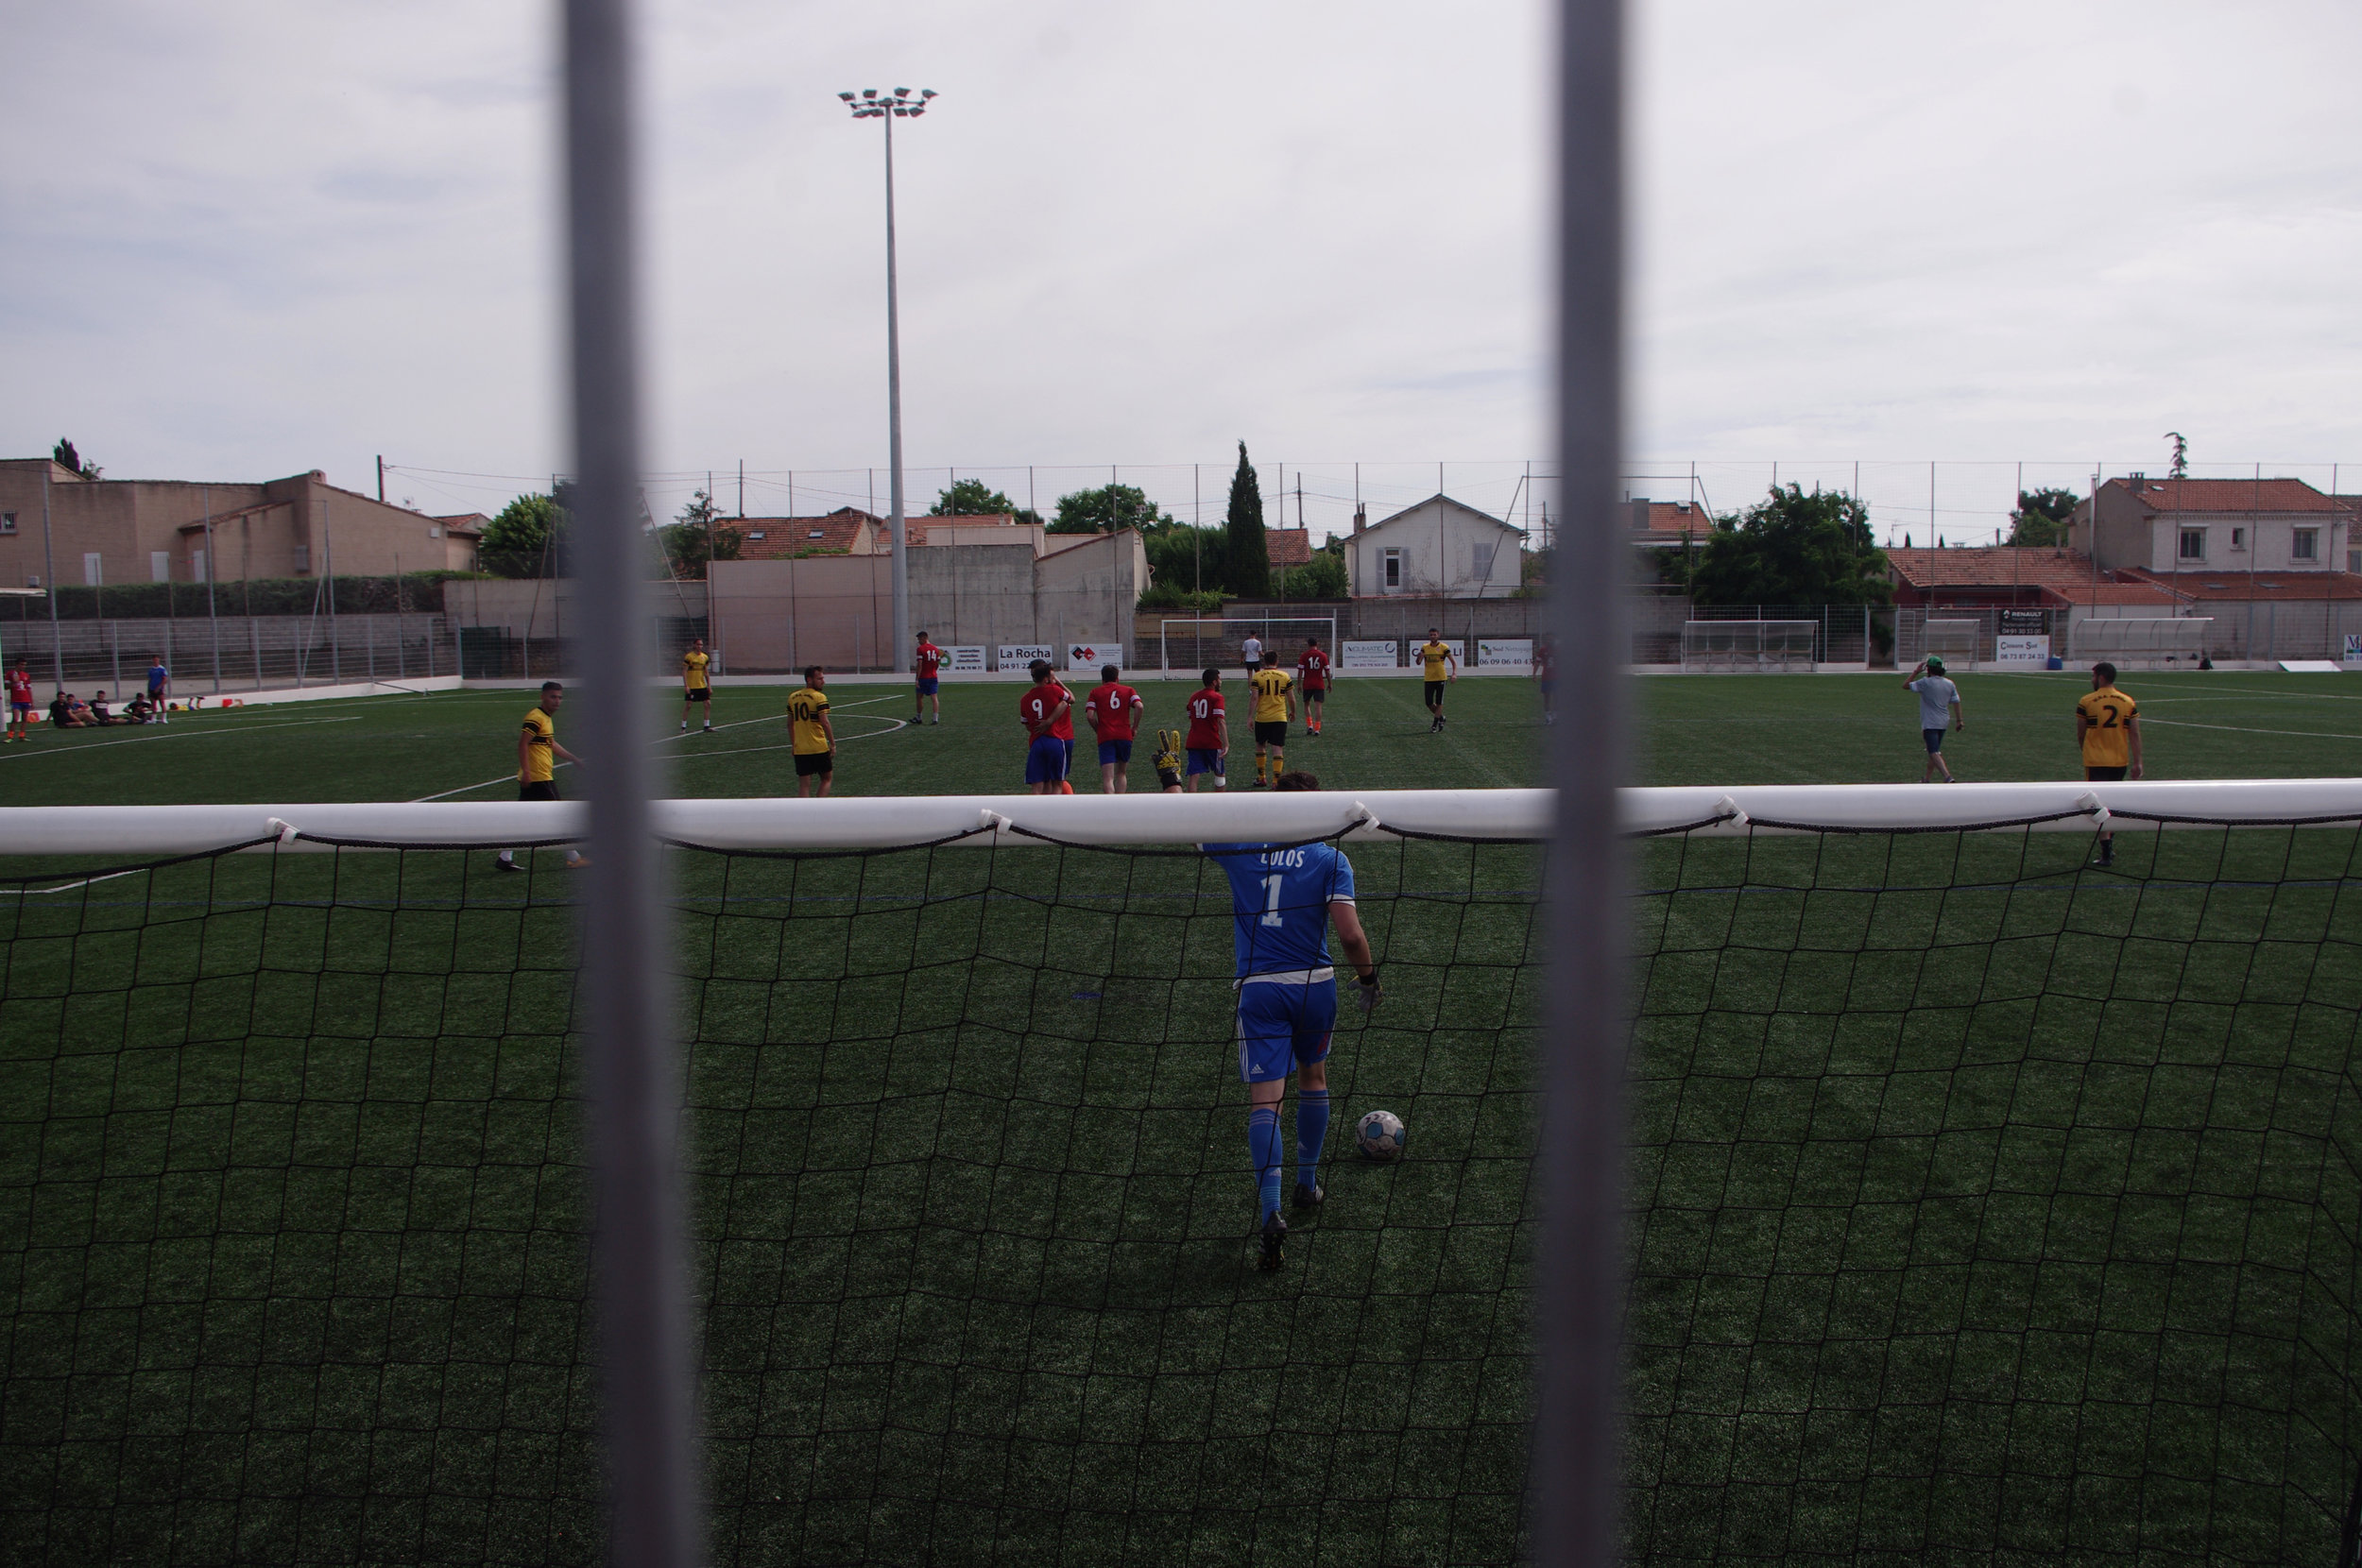 Le stade Sevan un dimanche après-midi dans le quartier de Beaumont.